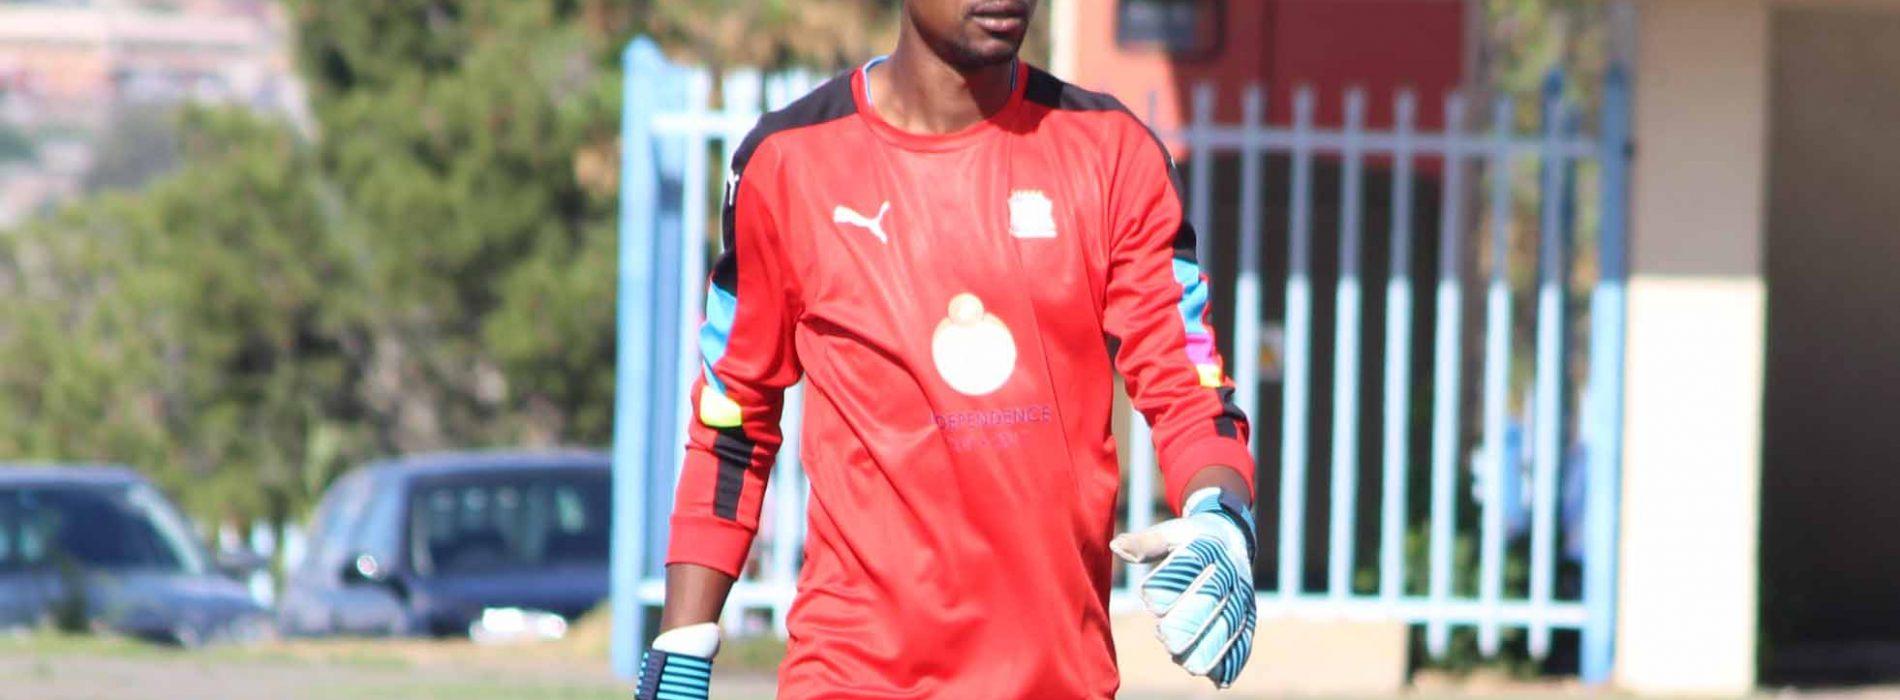 Ketsekile loses M15k to fraudster